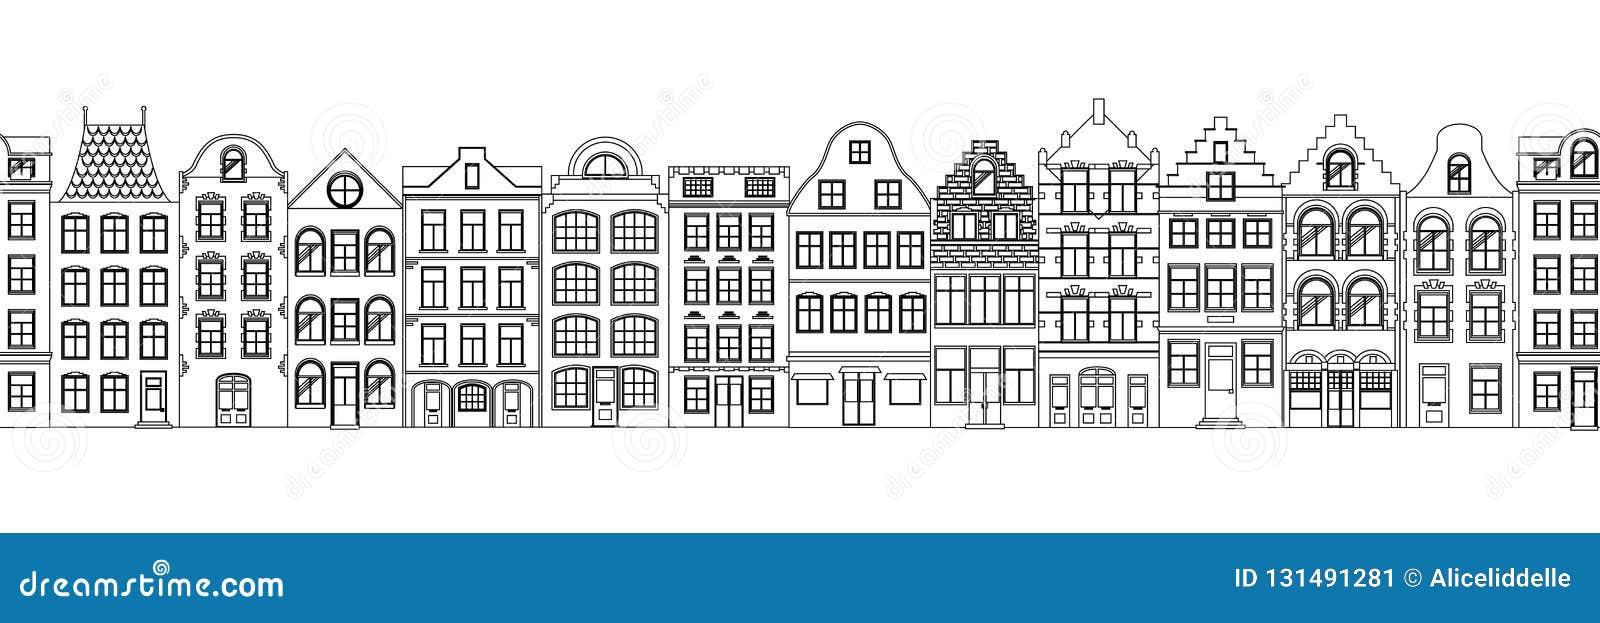 Naadloze Grens van Leuke retro huizenbuitenkant Inzameling van Europese de bouwvoorgevels Traditionele architectuur van